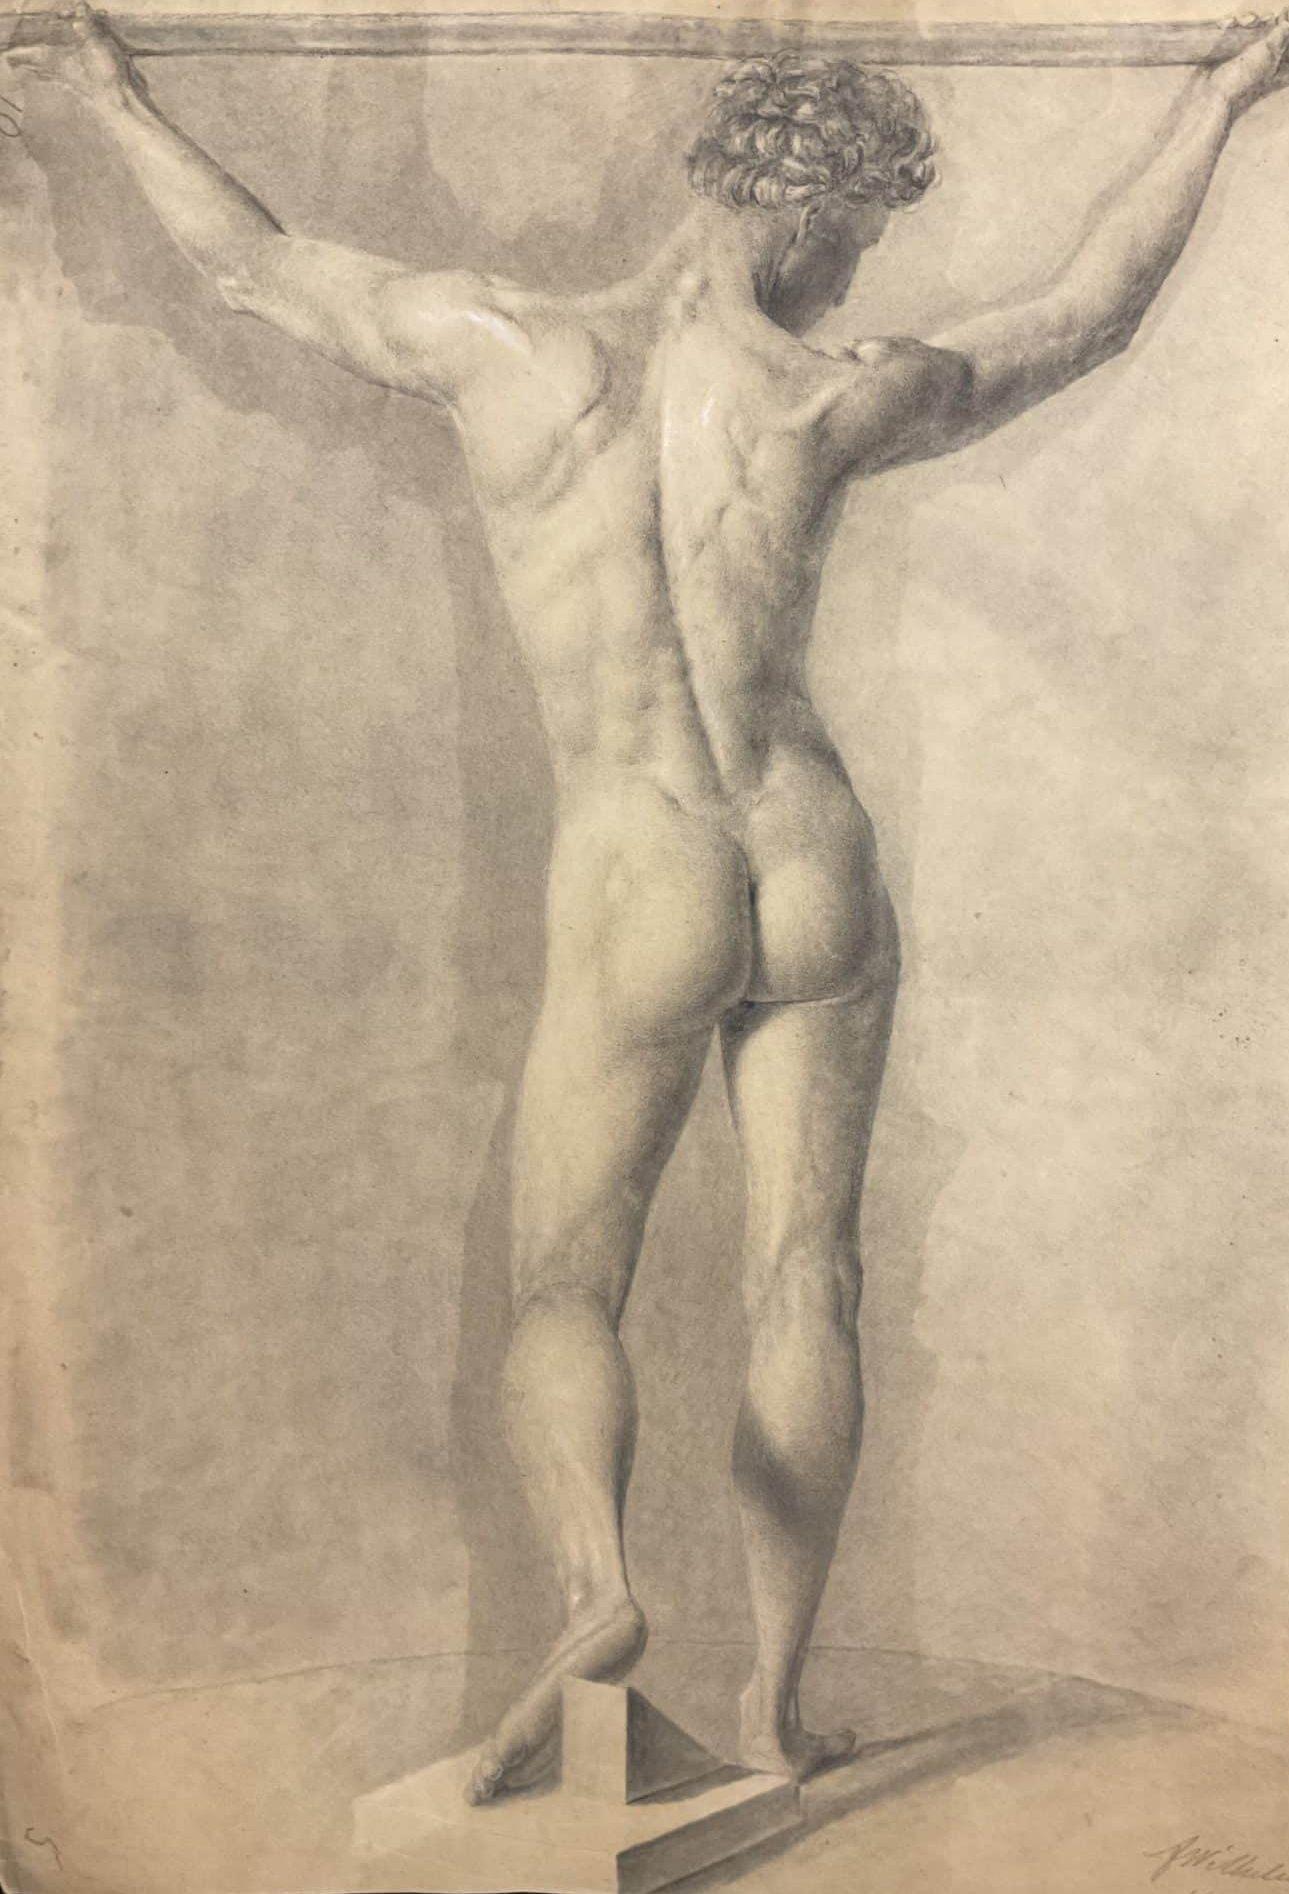 F. Wilhelmi Männerakt Rückansicht • Antiquitäten